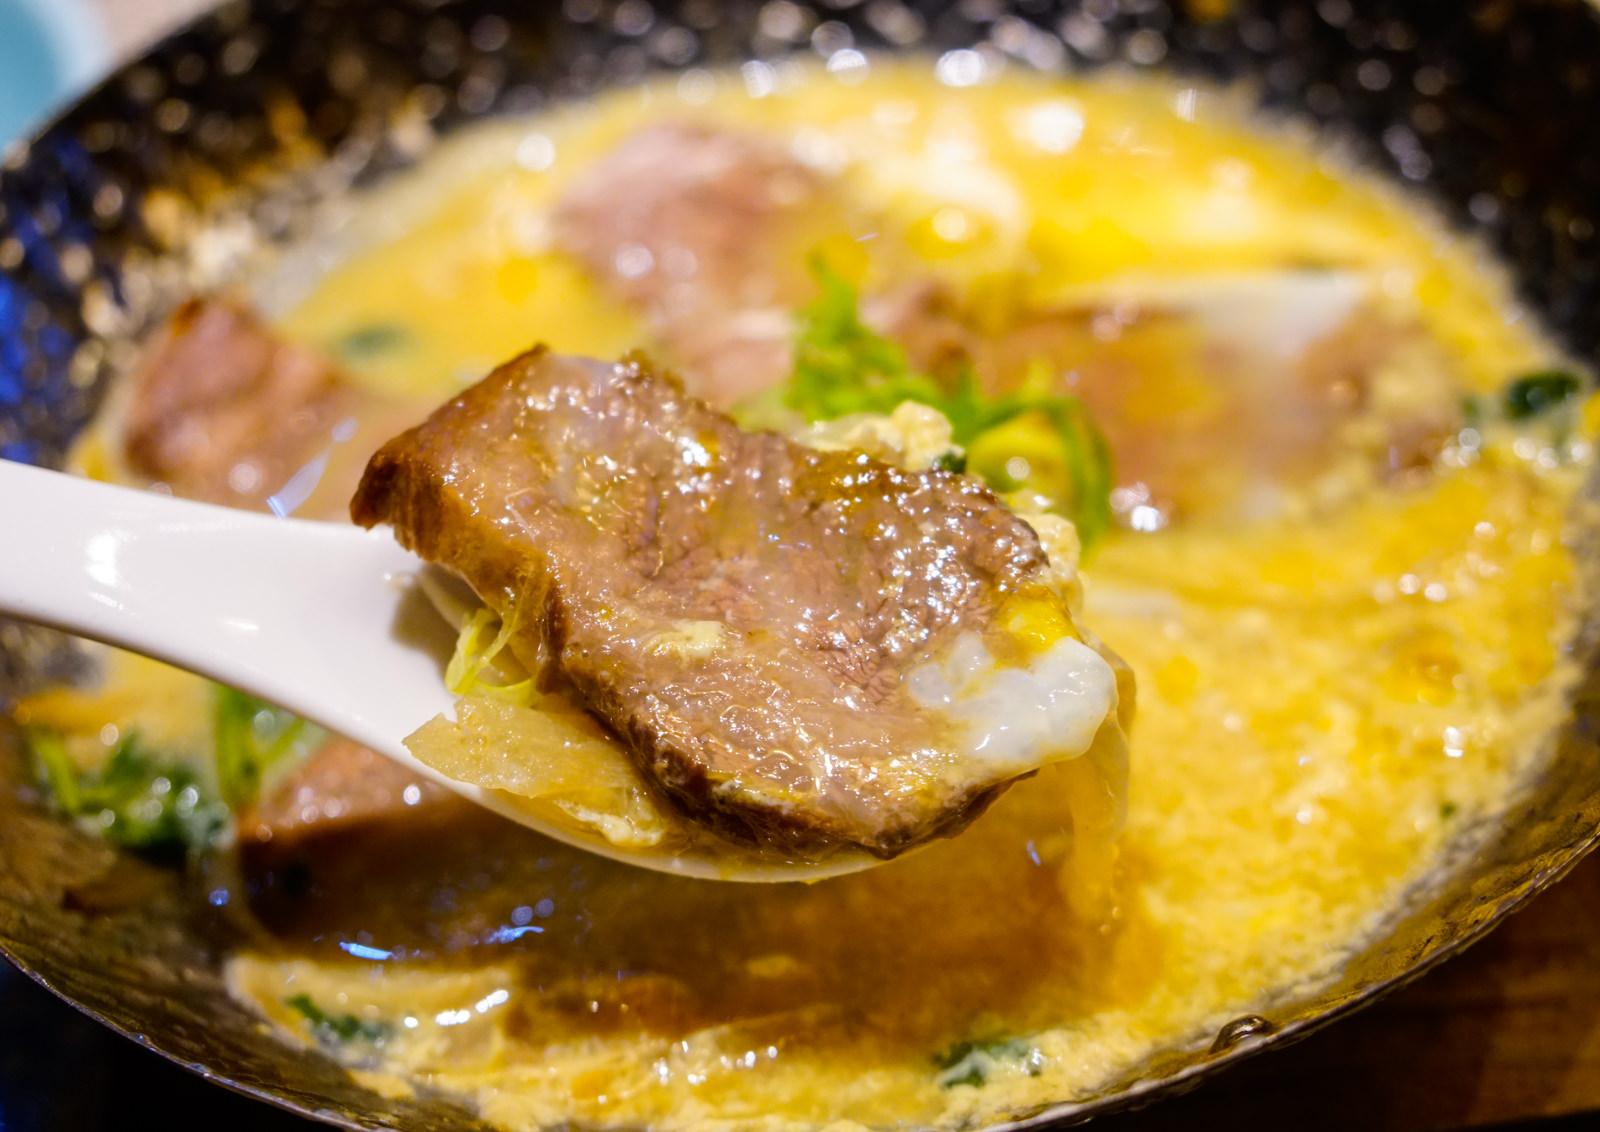 [高雄]次郎本格日本料理-日籍料理長的職人風範 藝術和食饗宴 高雄日本料理推薦 @美食好芃友